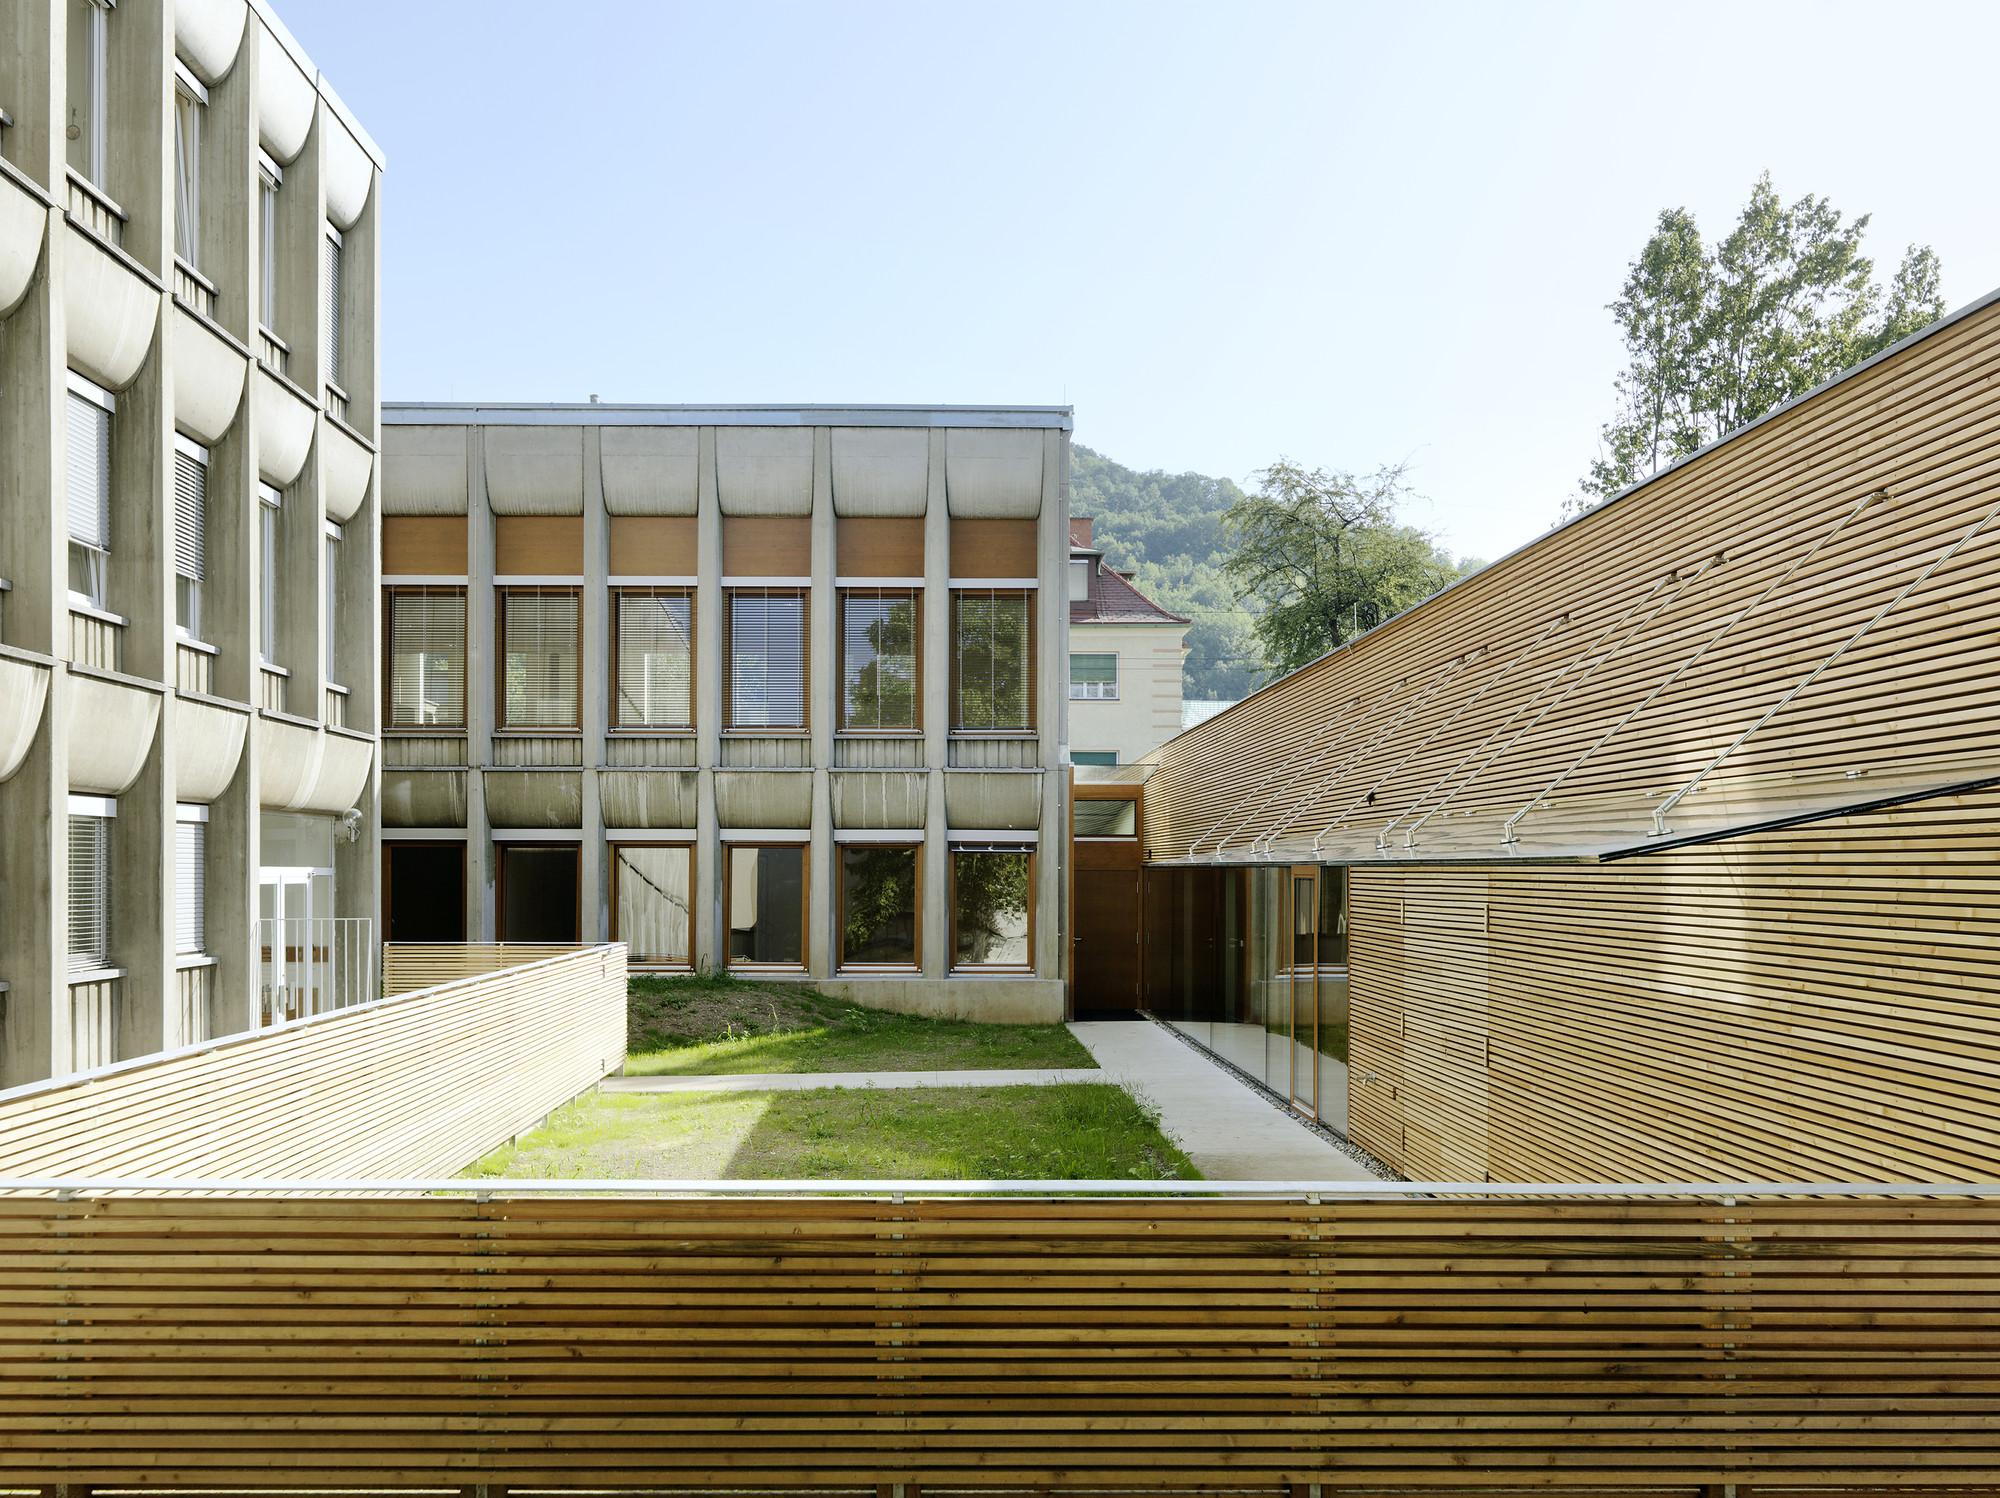 Kindergarten St. Salvator Graz / Reitmayr Architekten, © Paul Ott